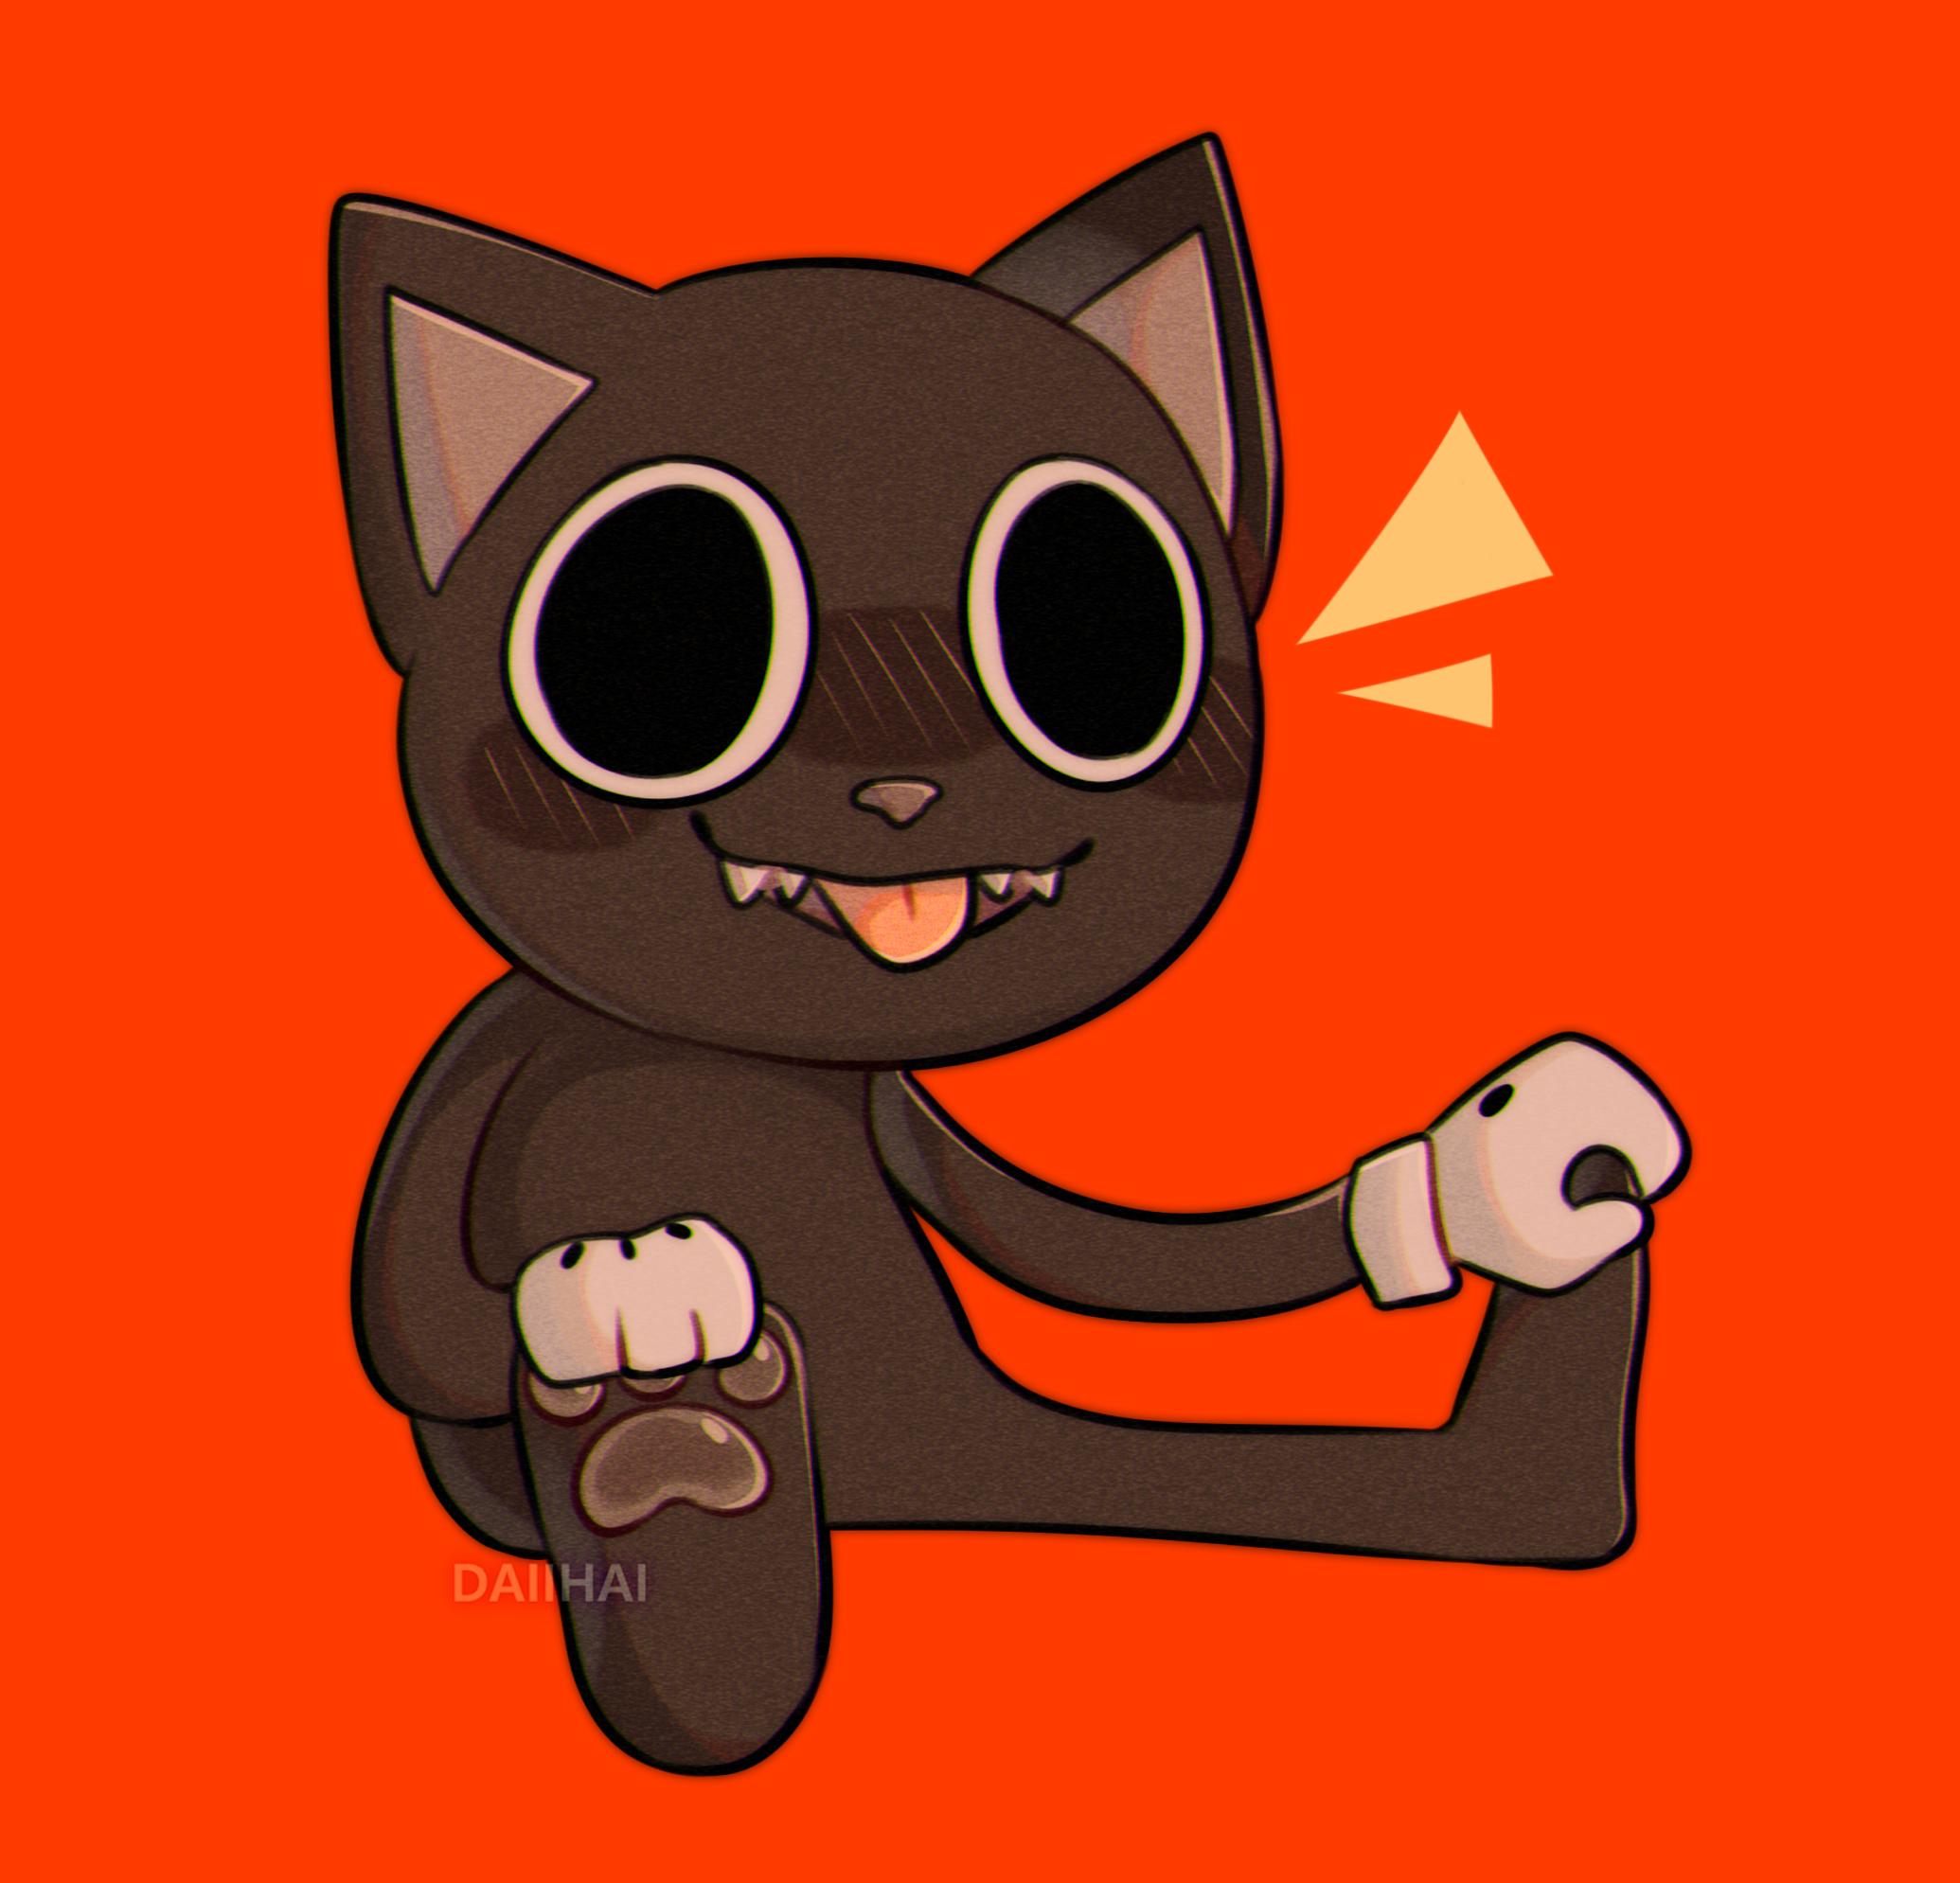 chibi cartoon cat